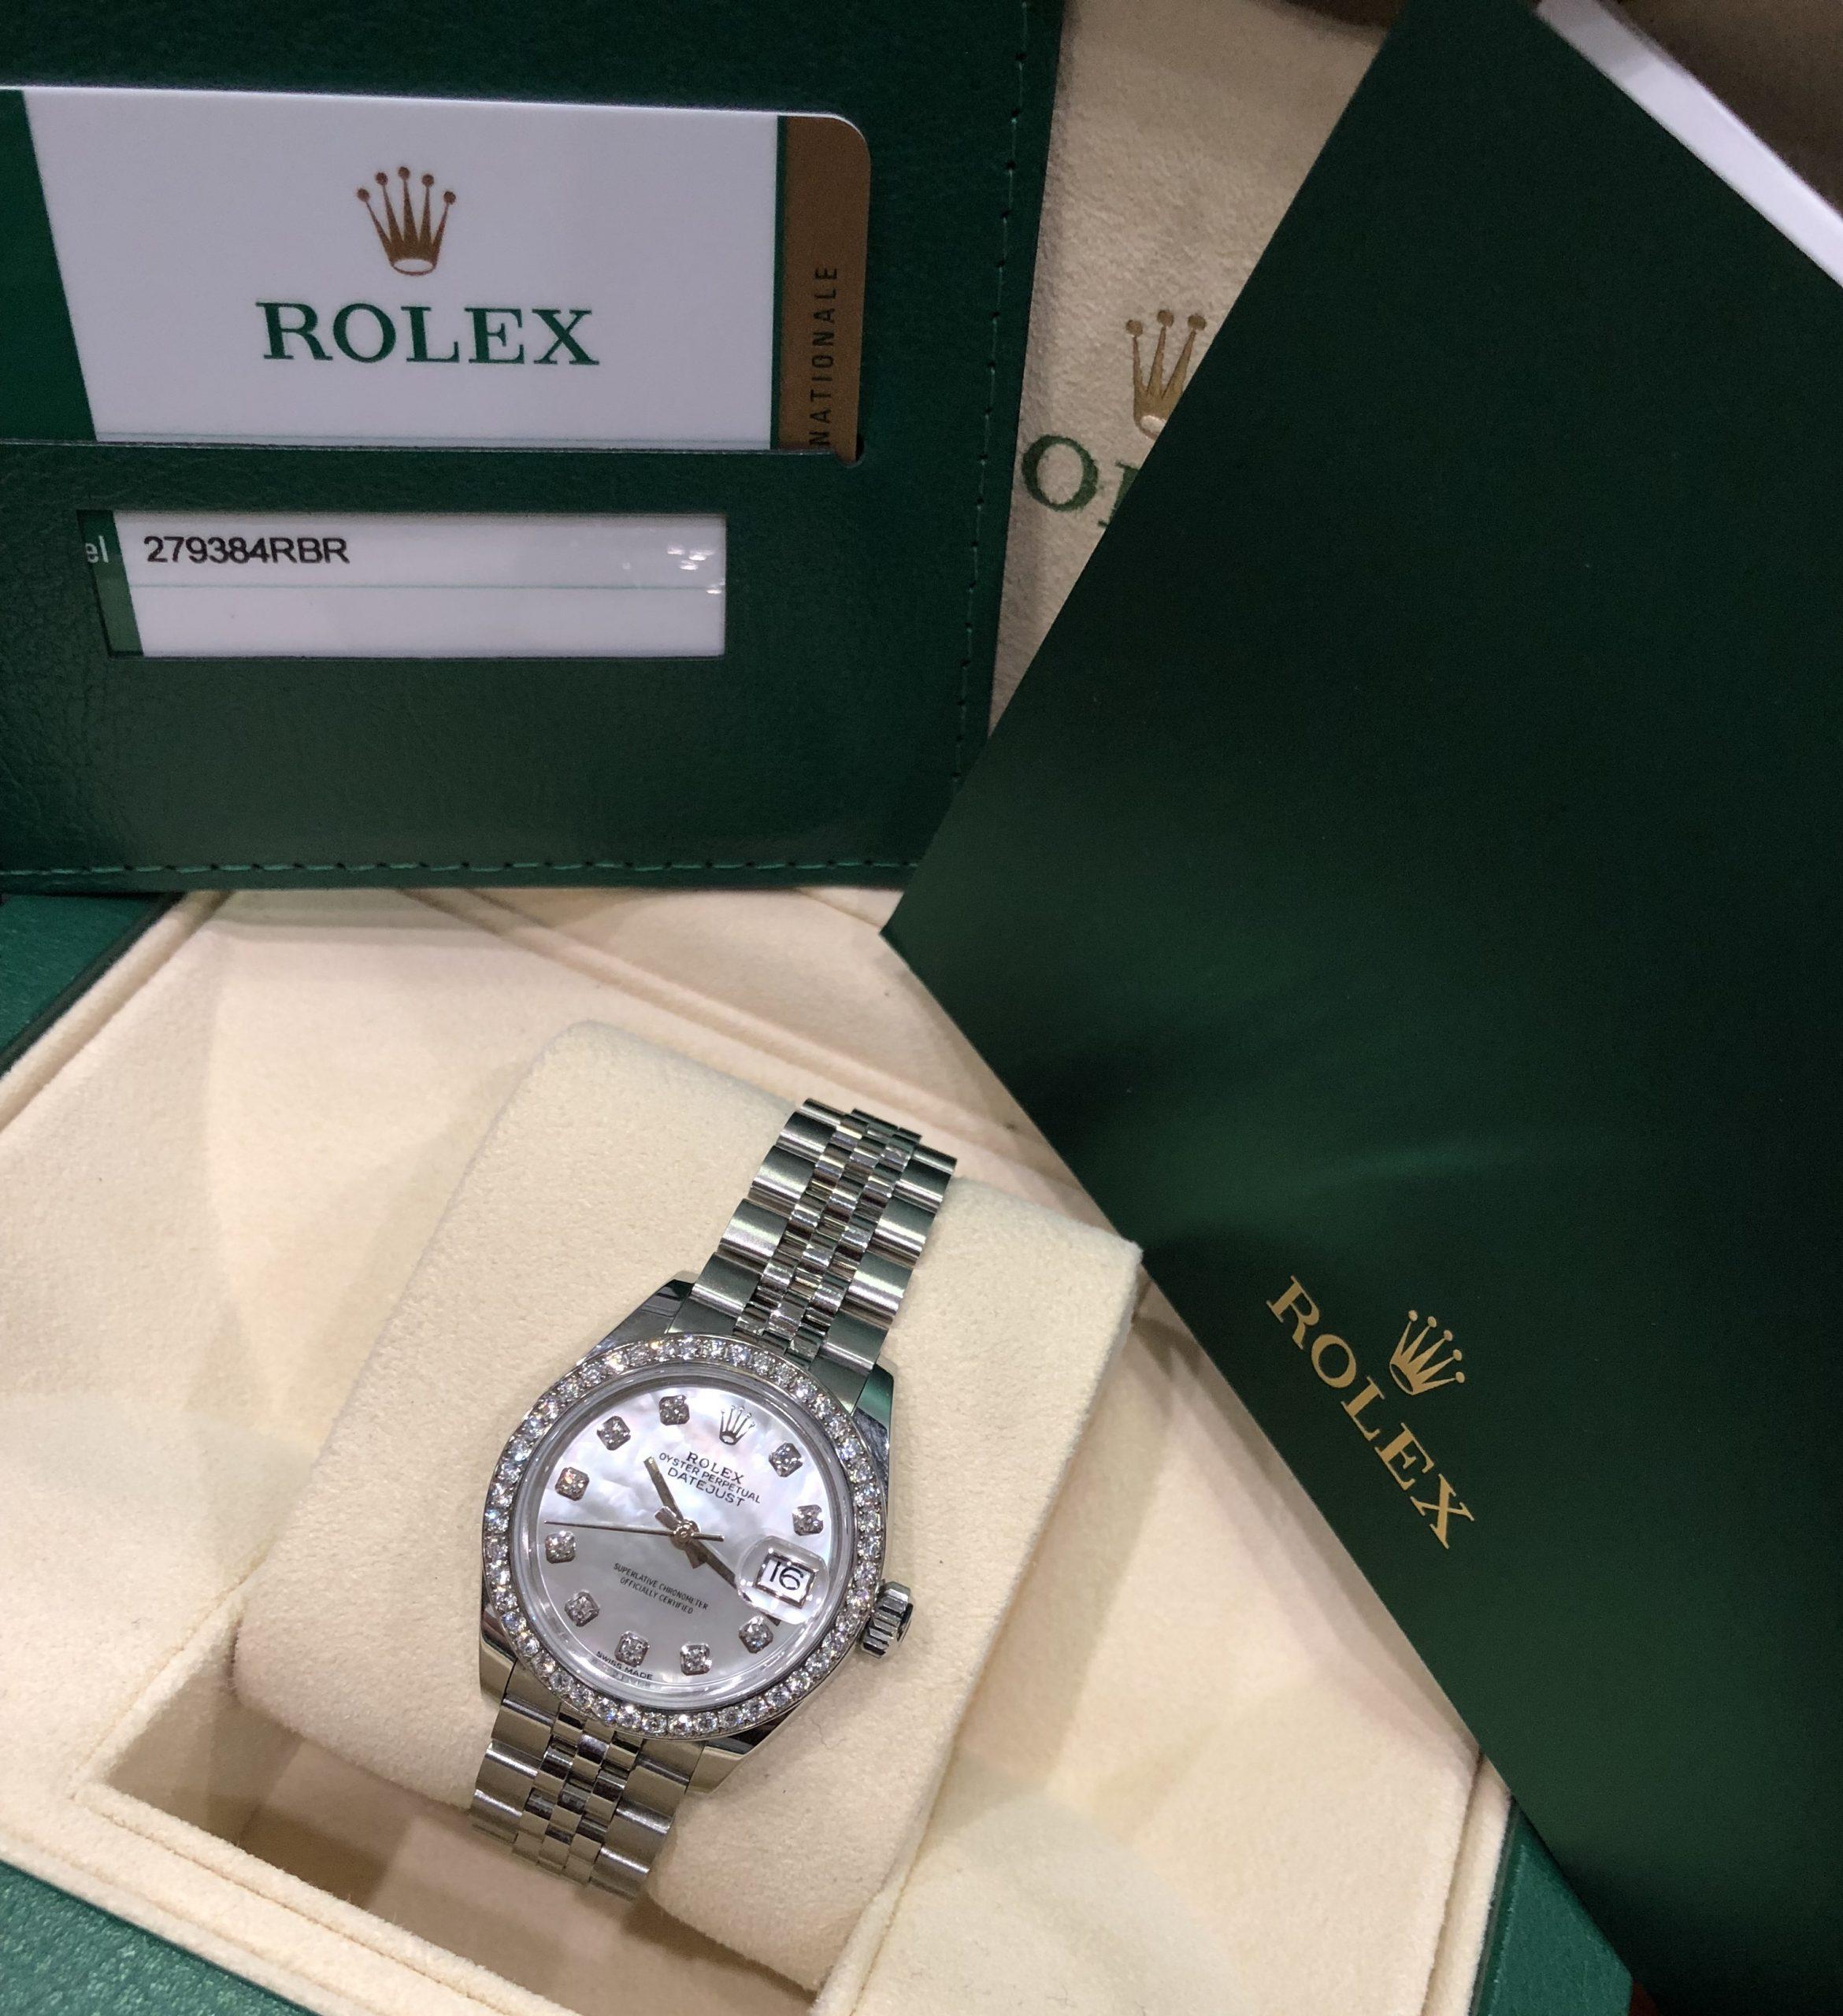 Rolex nữ 279383RBR mặt ốc niềng kim cương